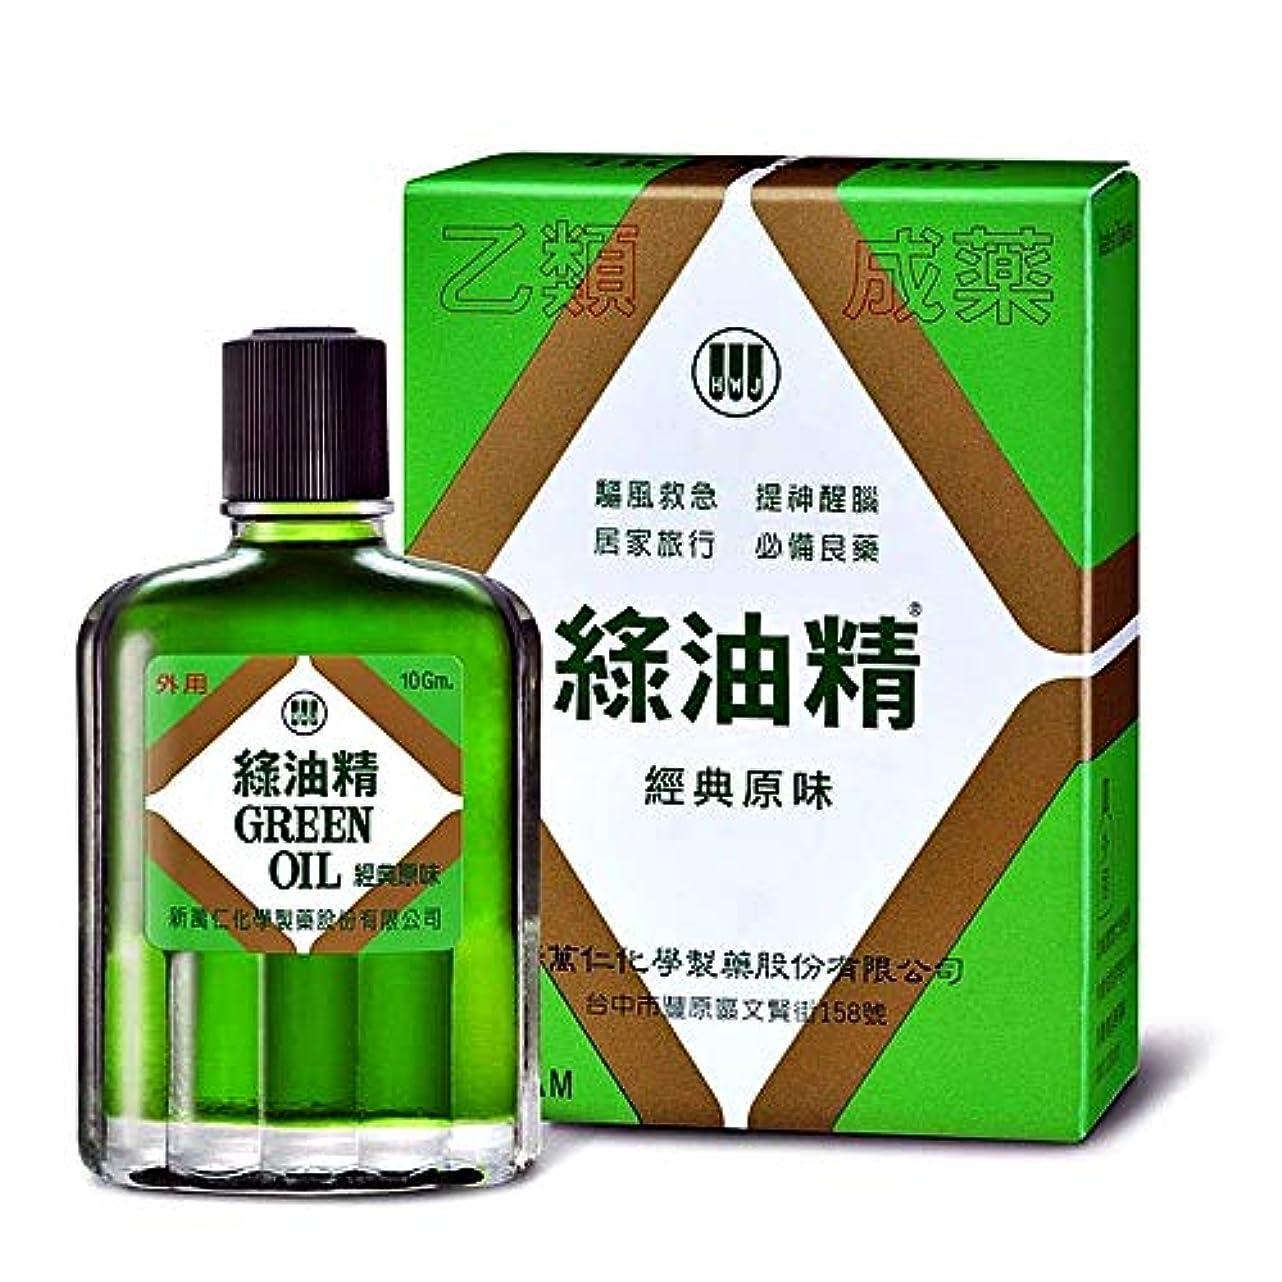 速記息苦しい症状《新萬仁》台湾の万能グリーンオイル 緑油精 10g 《台湾 お土産》 [並行輸入品]